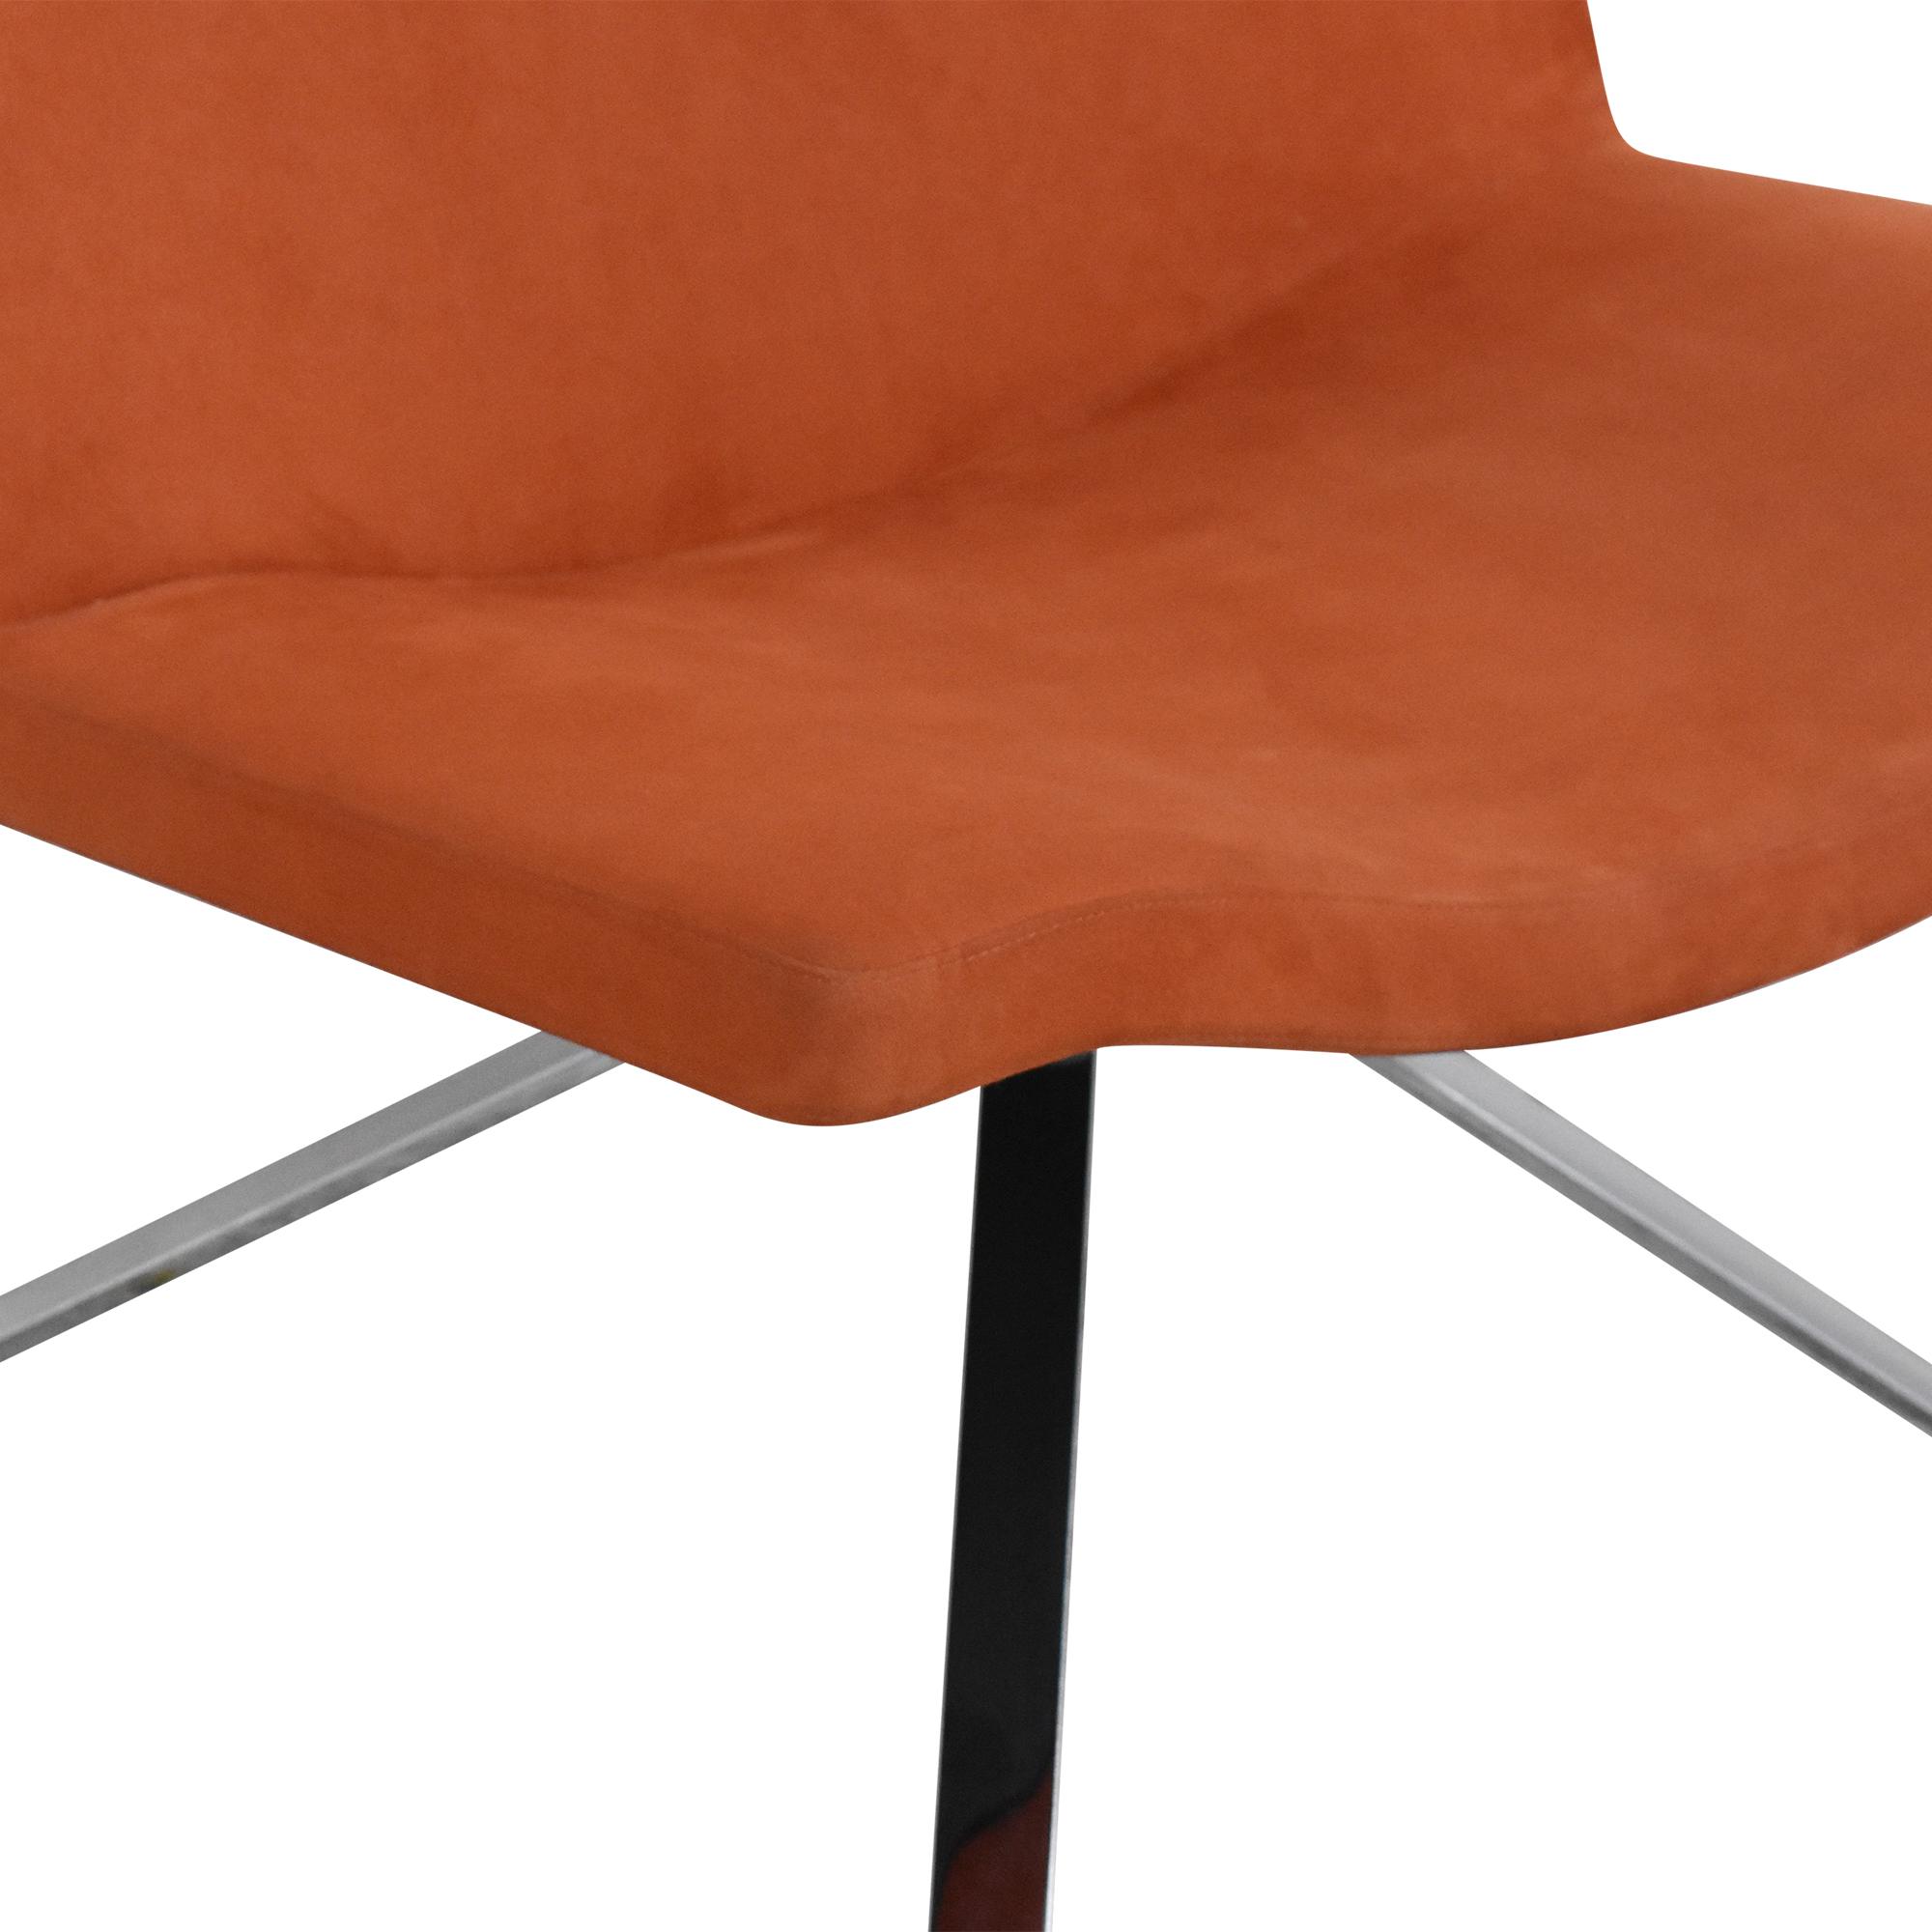 Tonon Tonon Wave Lounge Spider Base Chair coupon